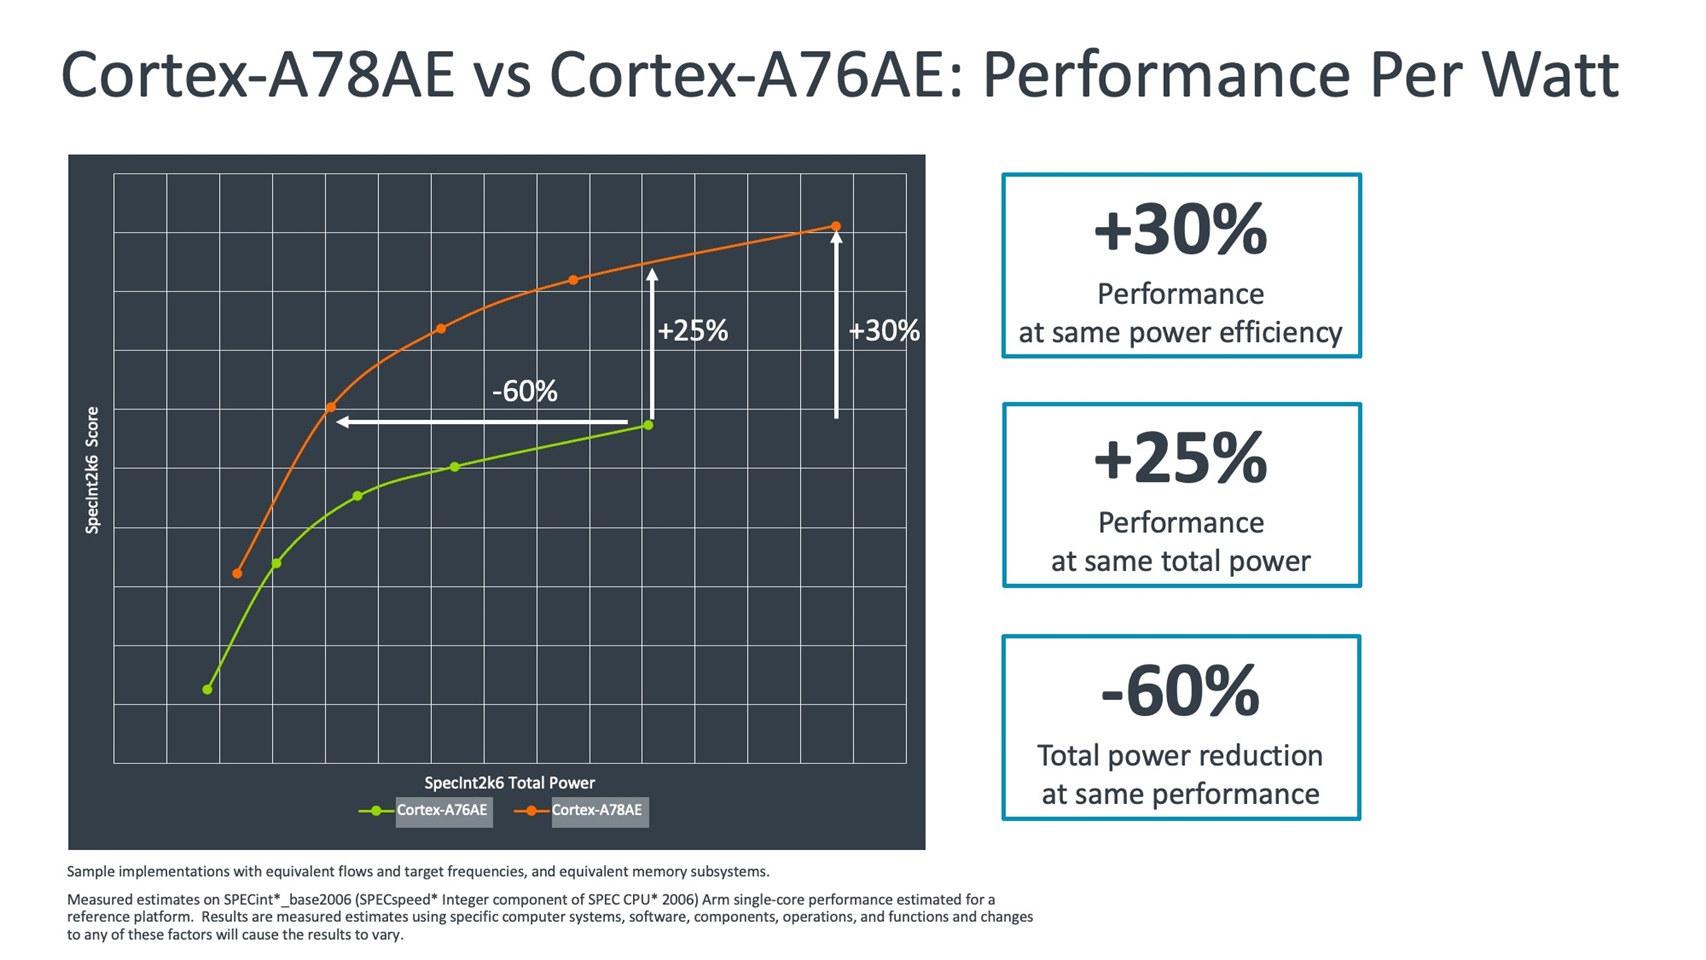 Cortex-A78AE vs Cortex-A76AE